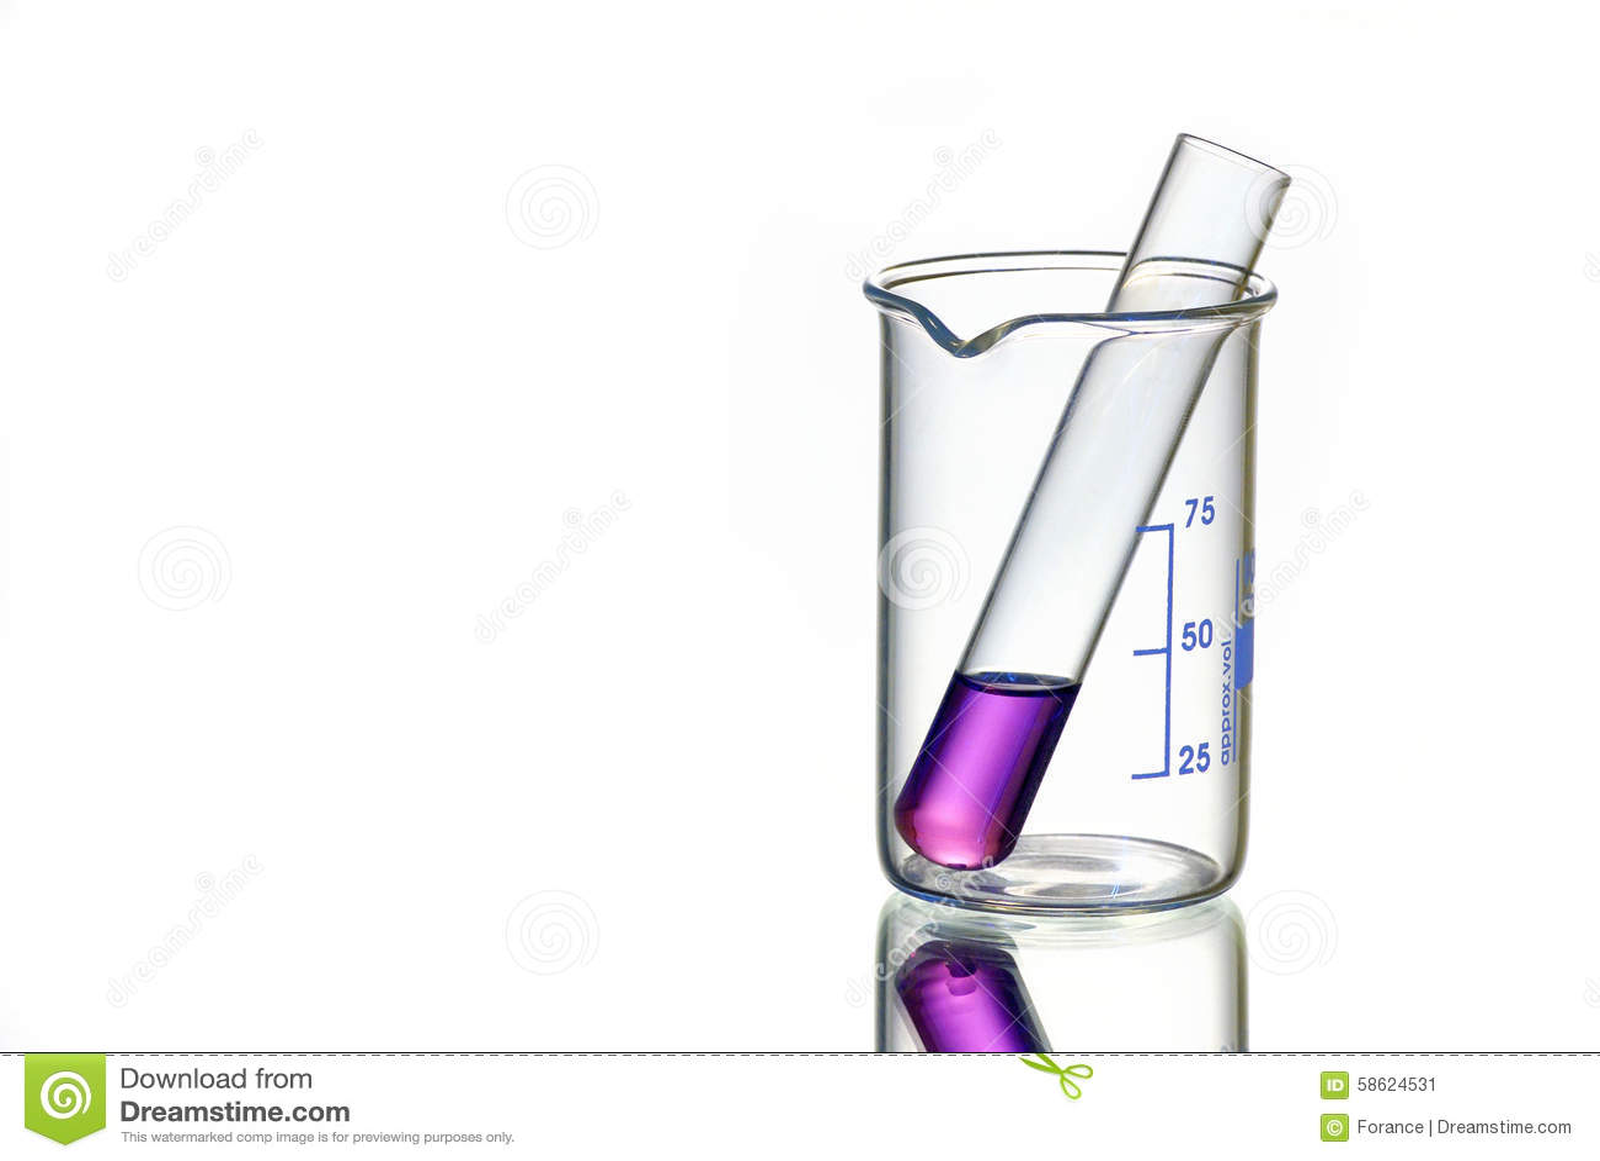 Chemical In Test Tube In Beaker Stock Photo - Image: 58624531